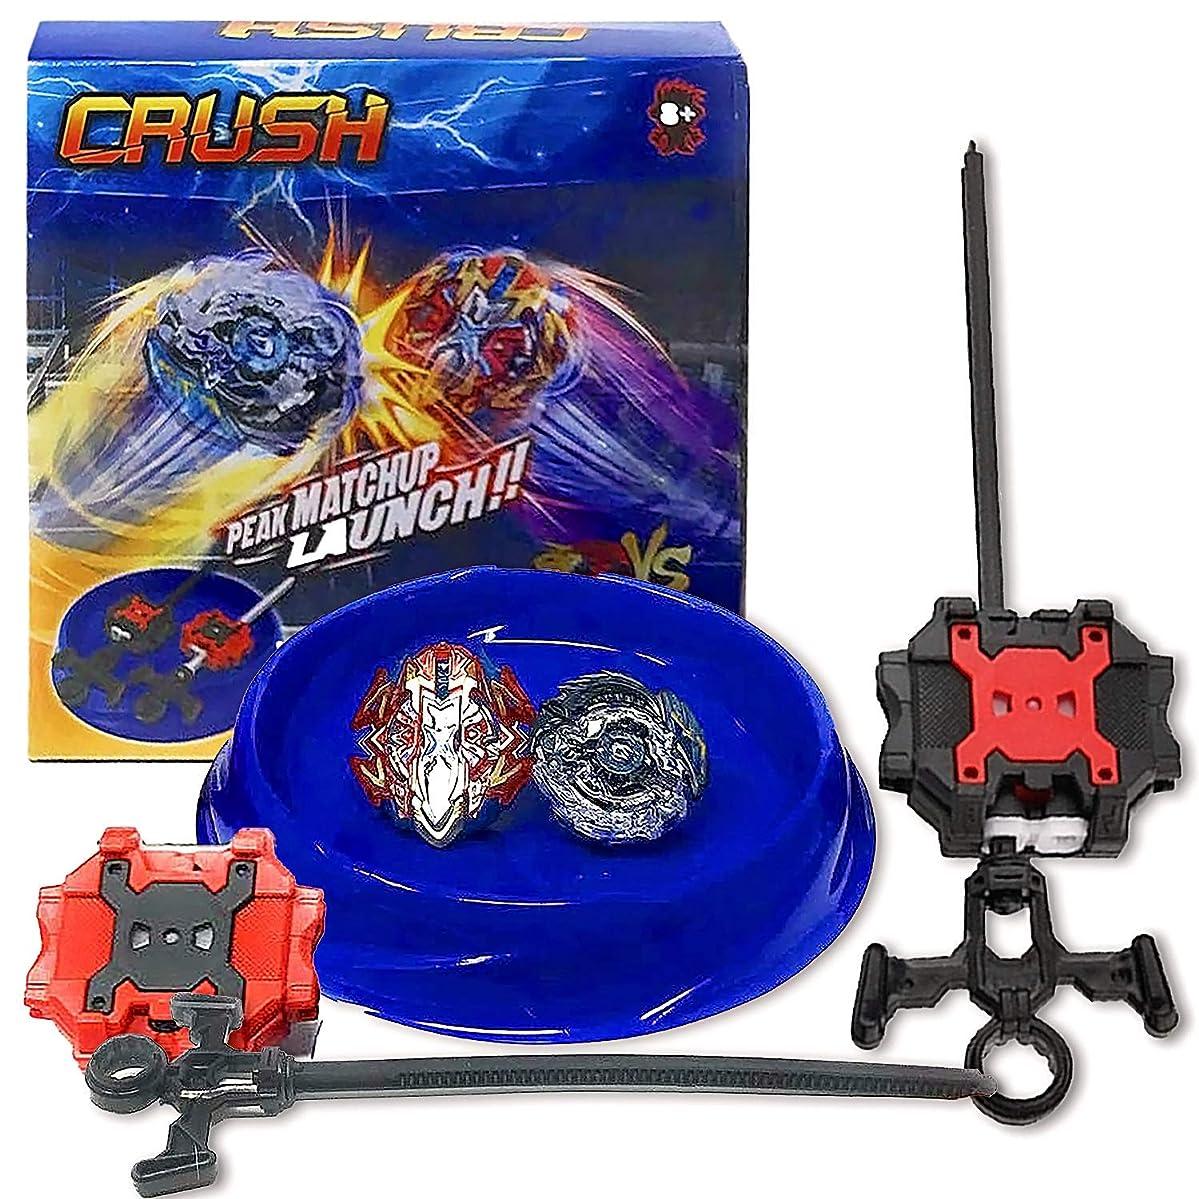 ところで生き物修復Crush Blades バトルゲームバーストトップススターターセット(スモールアリーナ1個+ランチャー2個+バーストトップ2個)B-85キラーデスサイザー/ドームシザー&Xcalibur / Xcalius Burst B-120